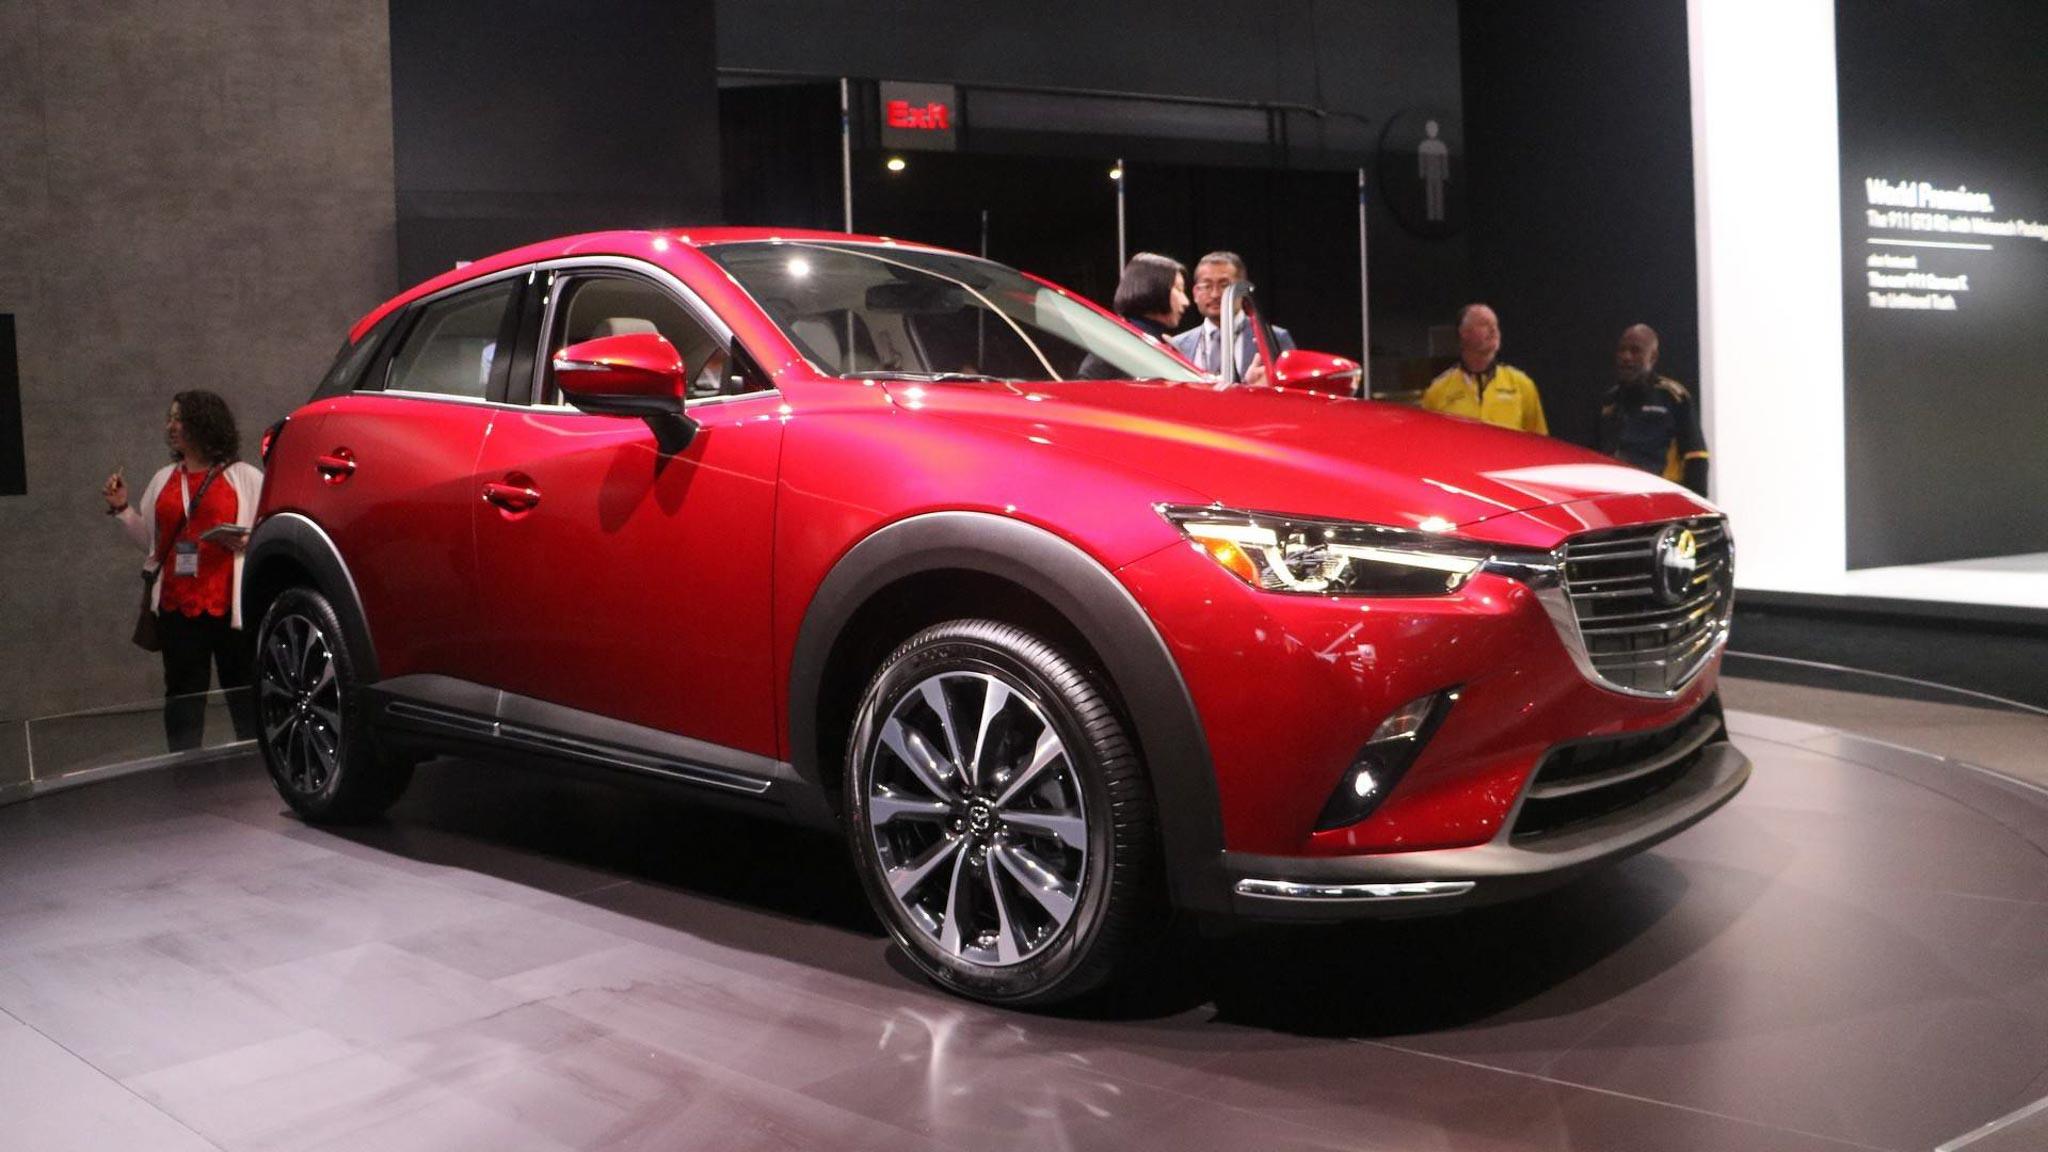 Thị trường xe - Xem trước Mazda CX-3 2019: 'Kẻ ngáng đường' Ford Ecosport